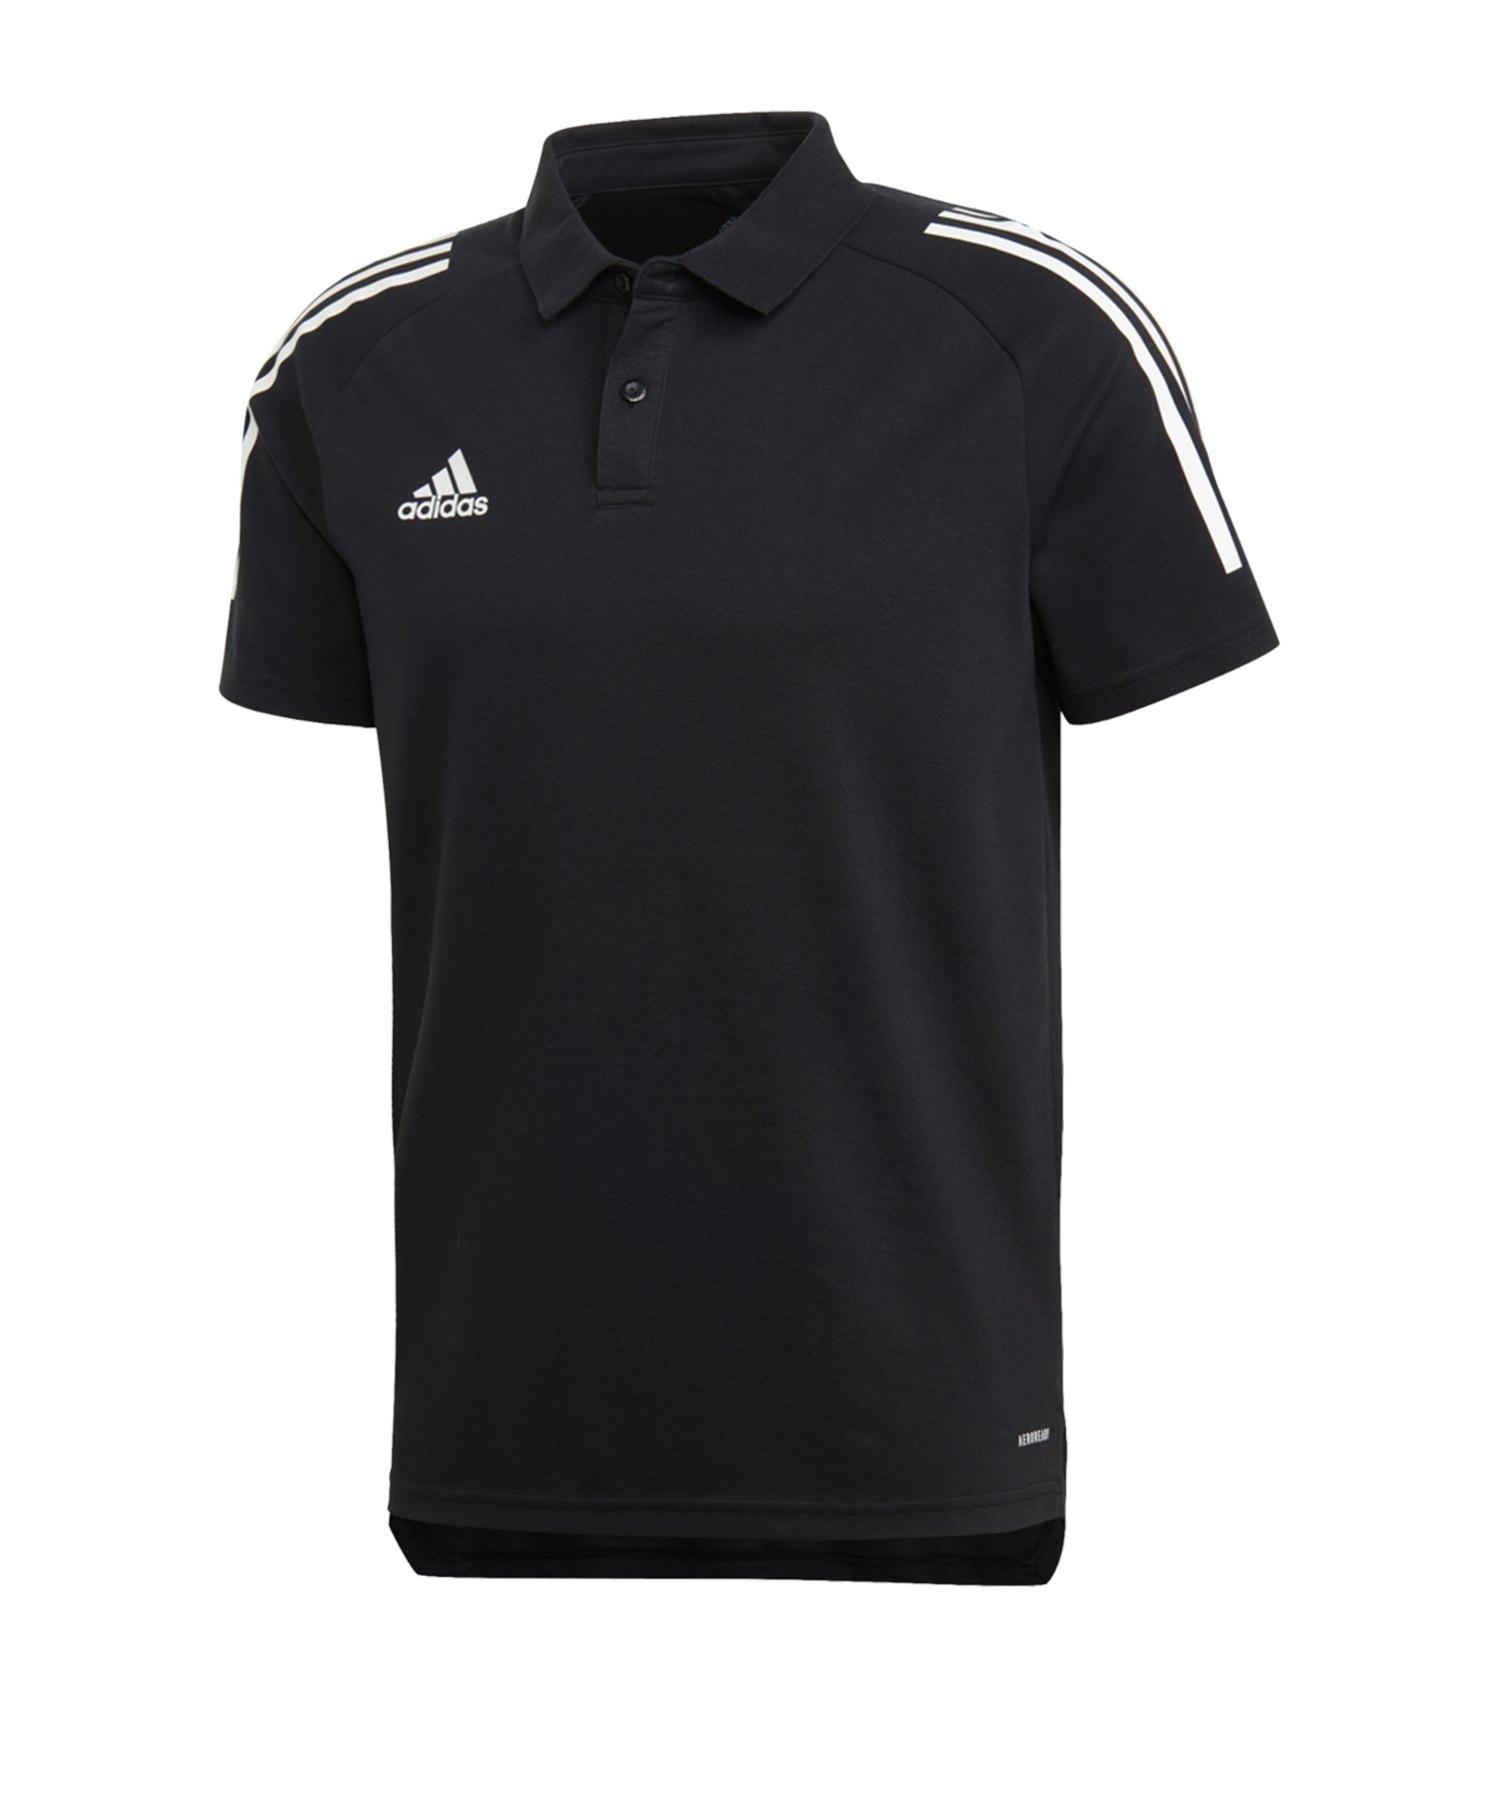 adidas Condivo 20 Poloshirt Schwarz Weiss - schwarz